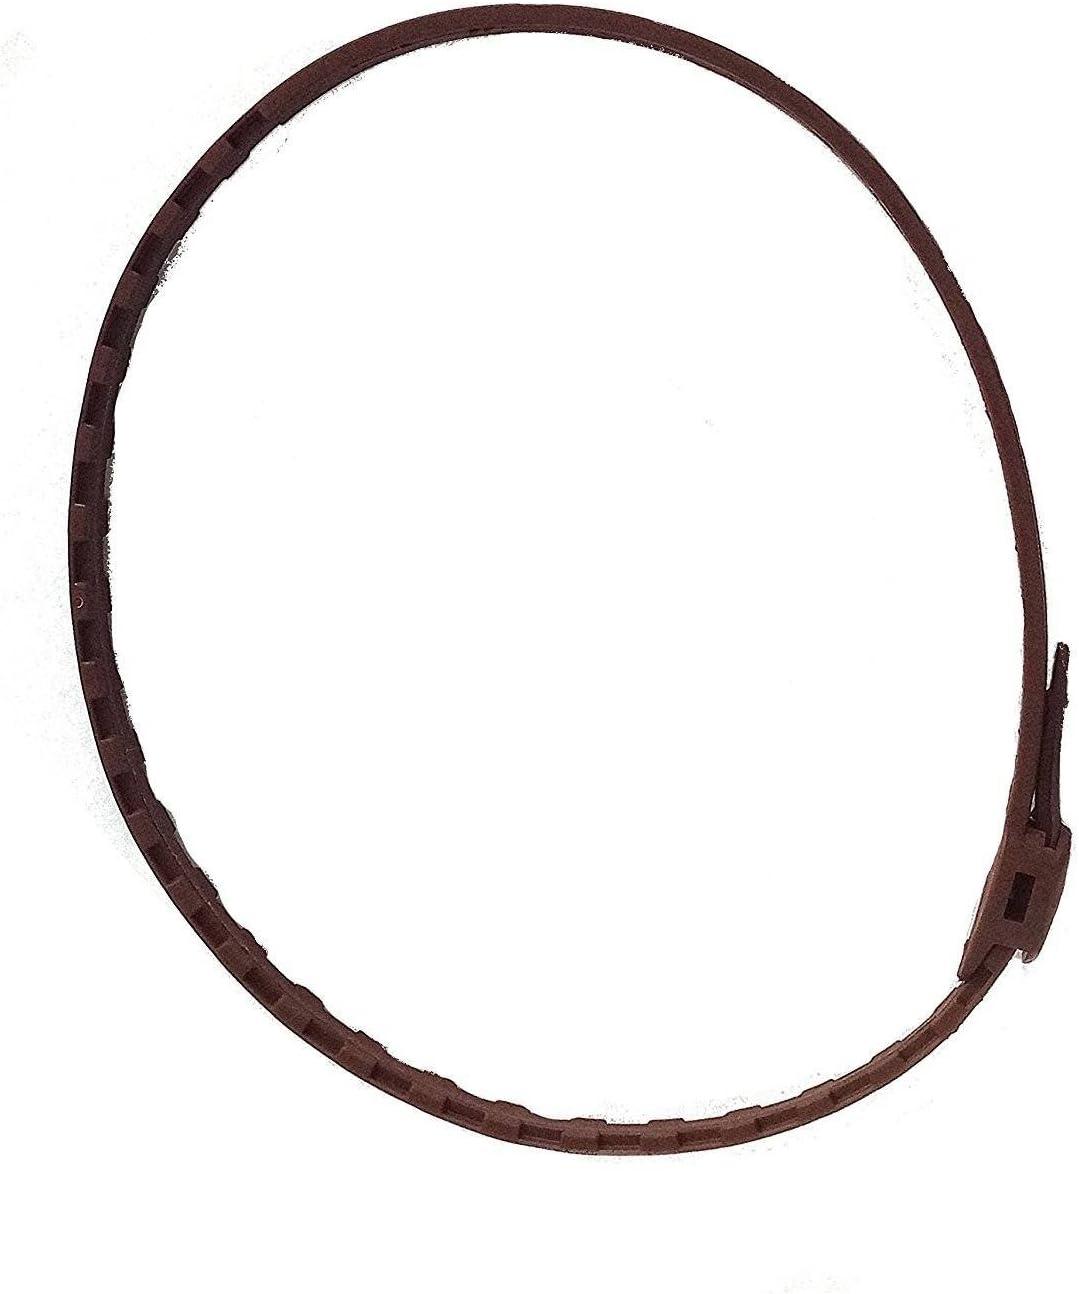 biozoo - Collar Repelente para Perros: Amazon.es: Productos para ...